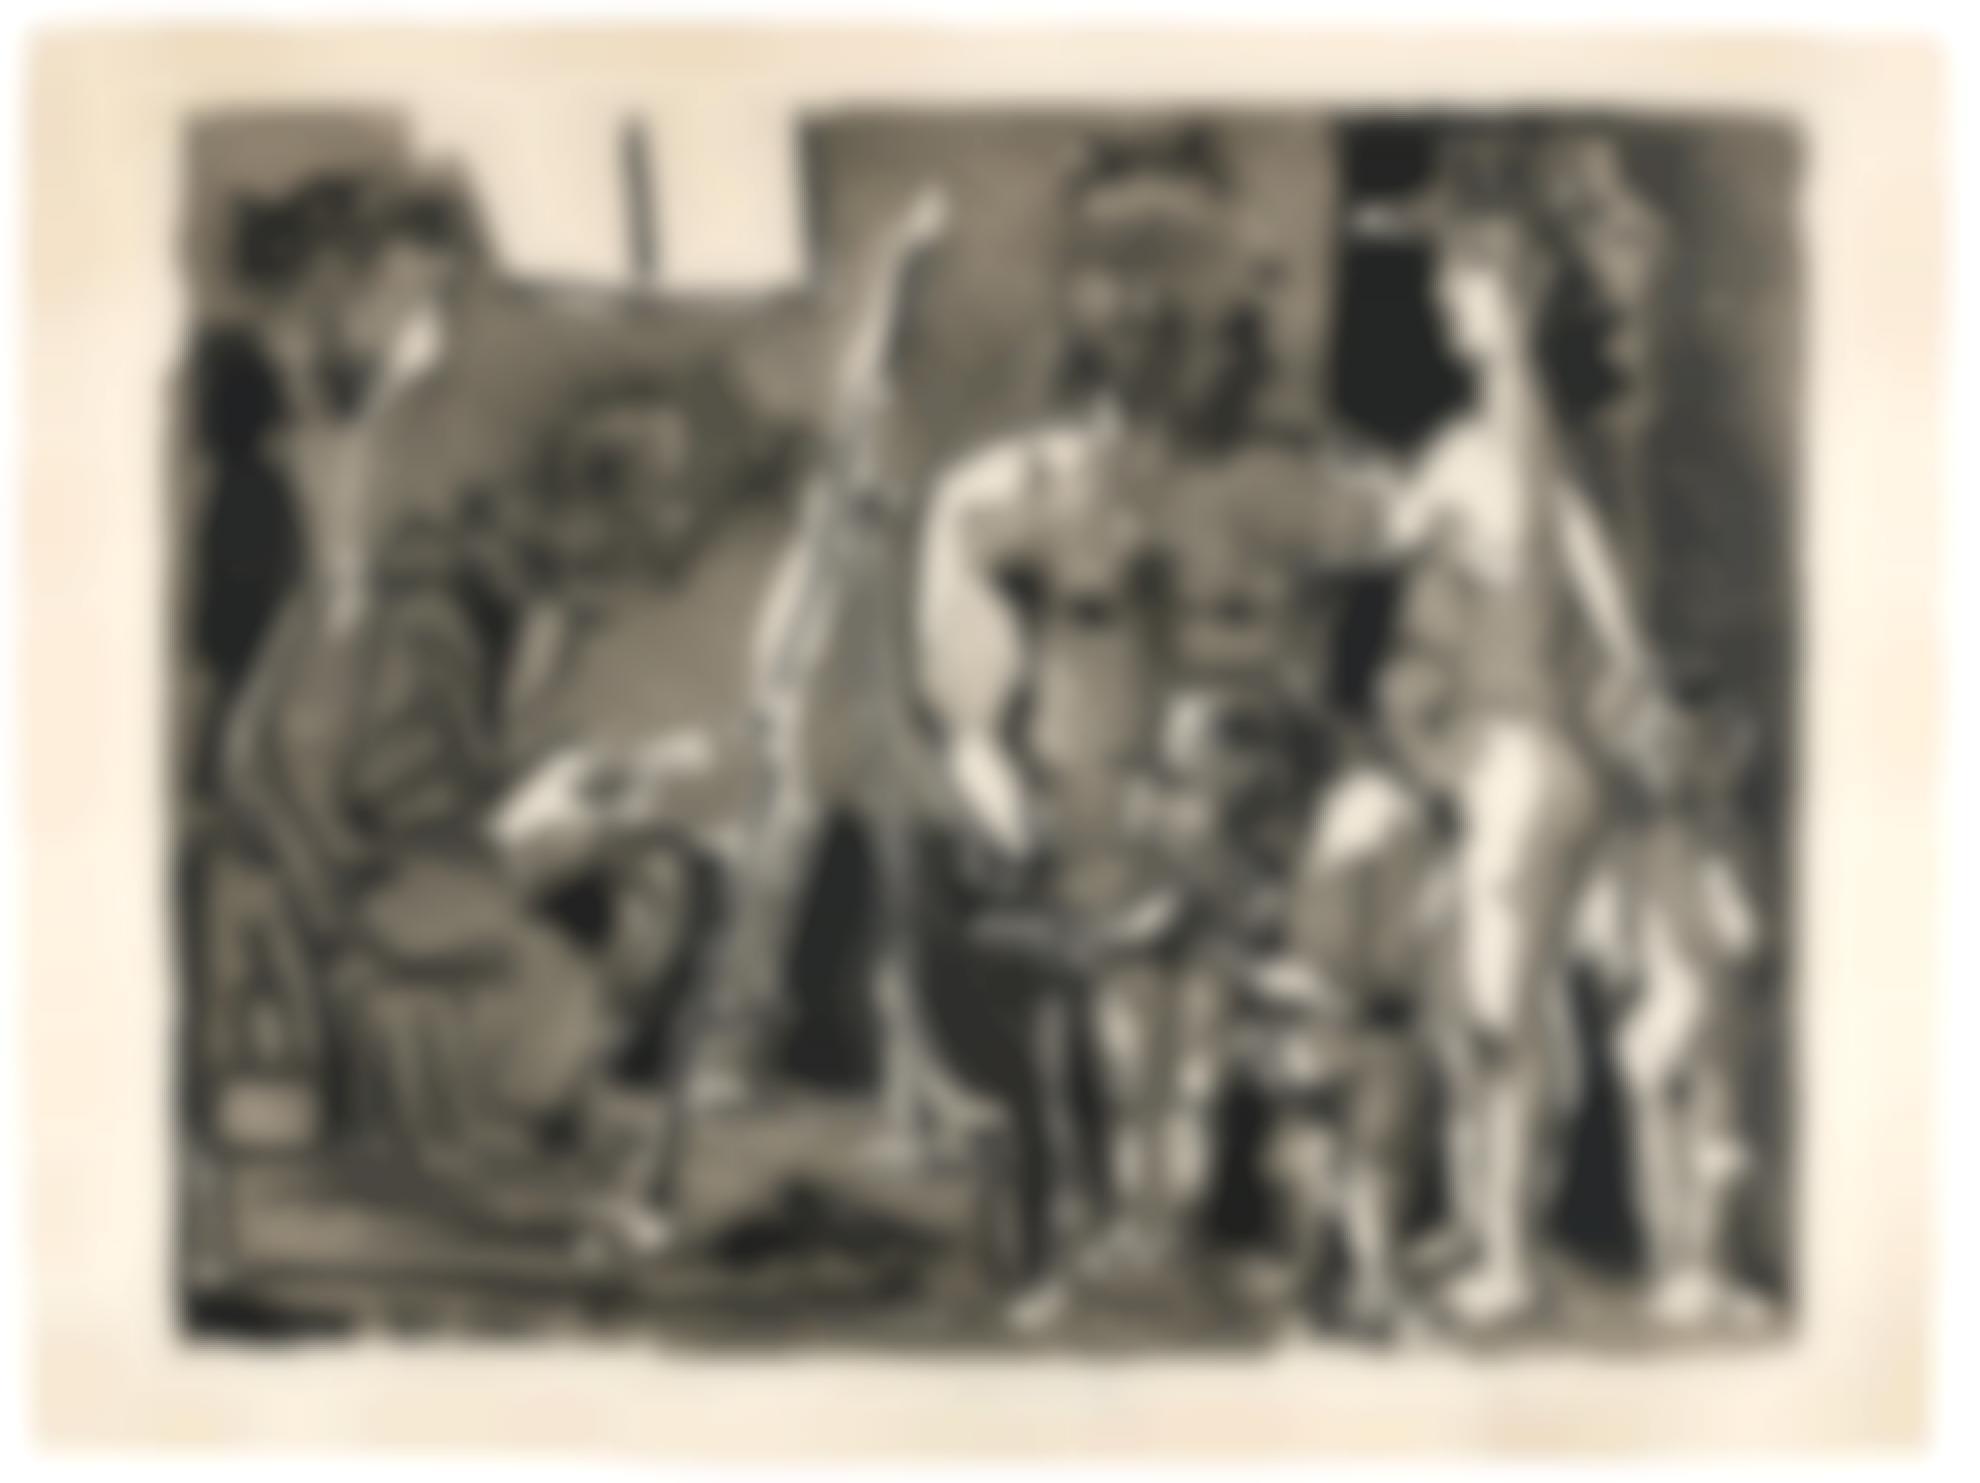 Pablo Picasso-Variation Sur La Theme De Las Meninas: Visiteurs A Latelier (B. 770; Ba. 920)-1955